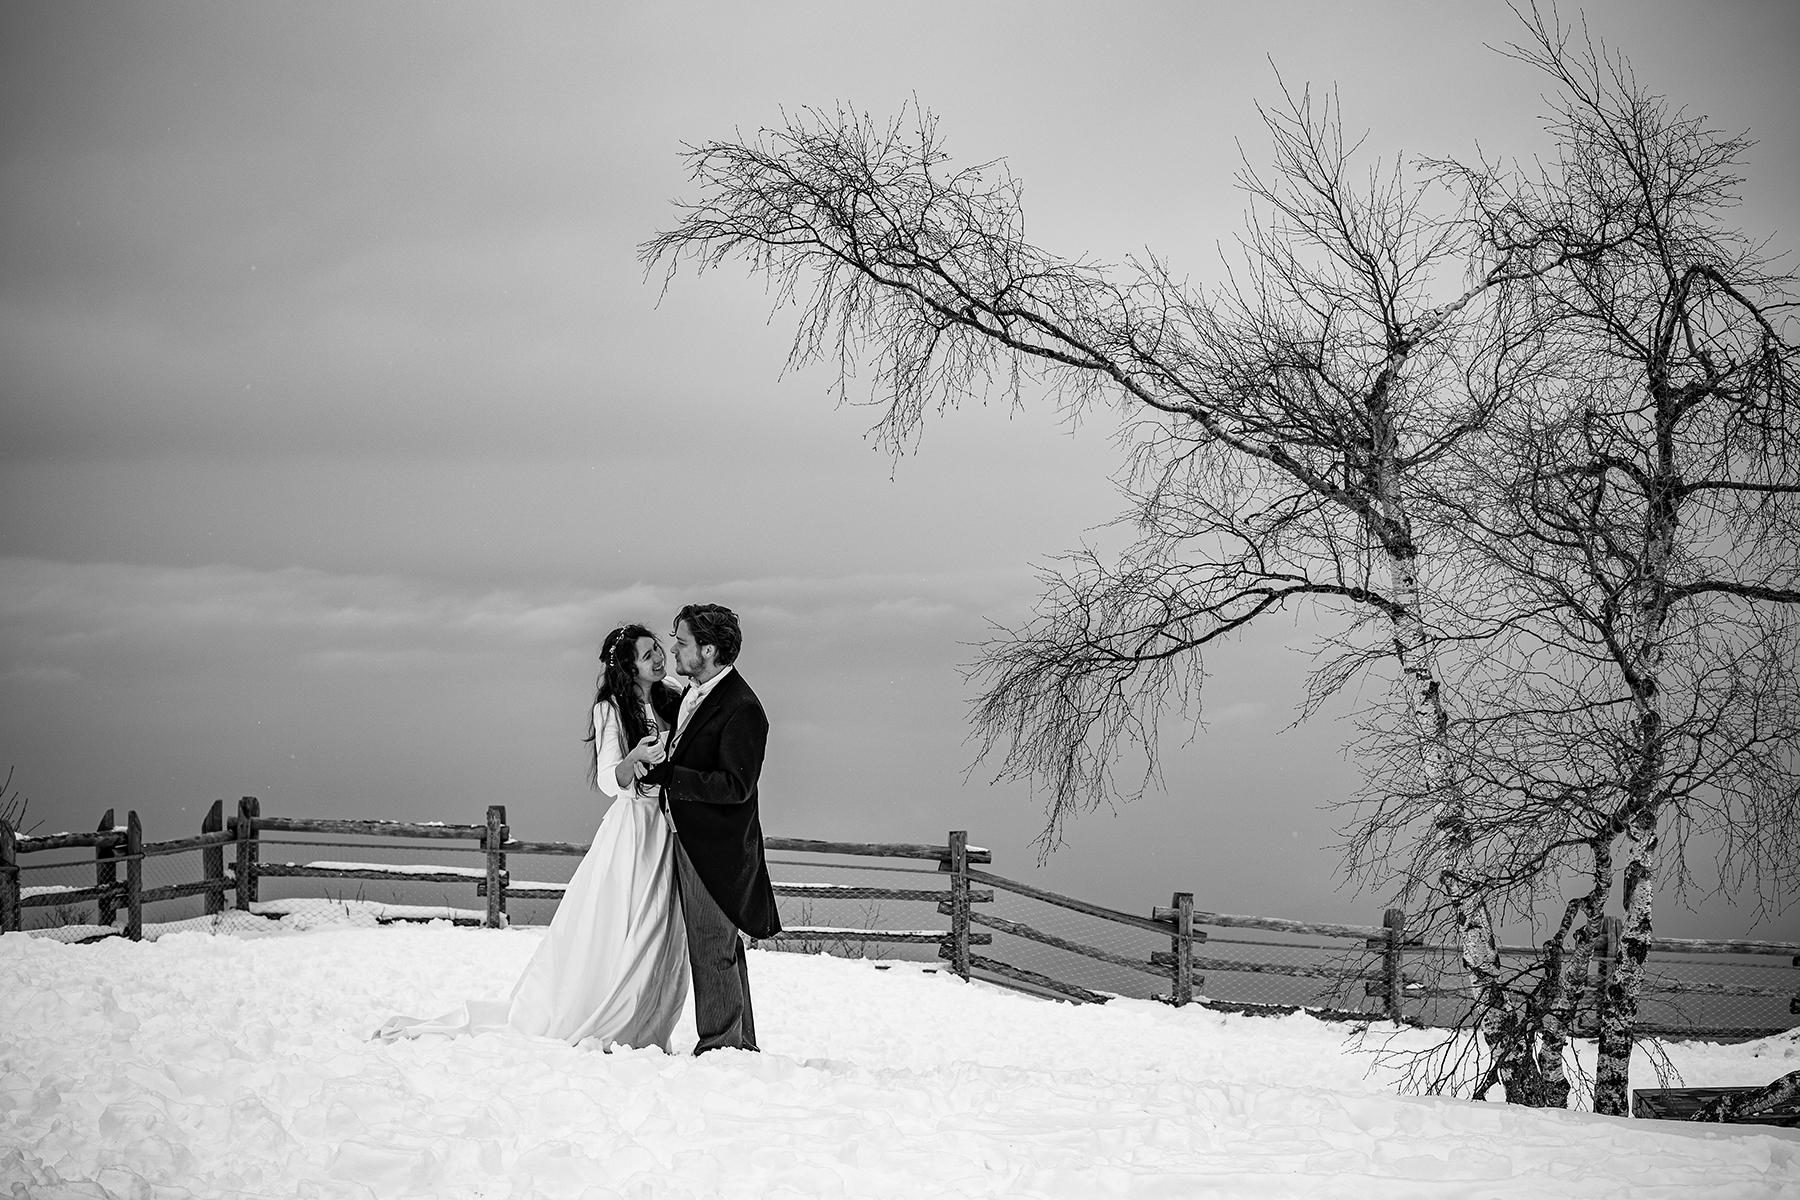 Mariage à la neige et à la montagne, photographe